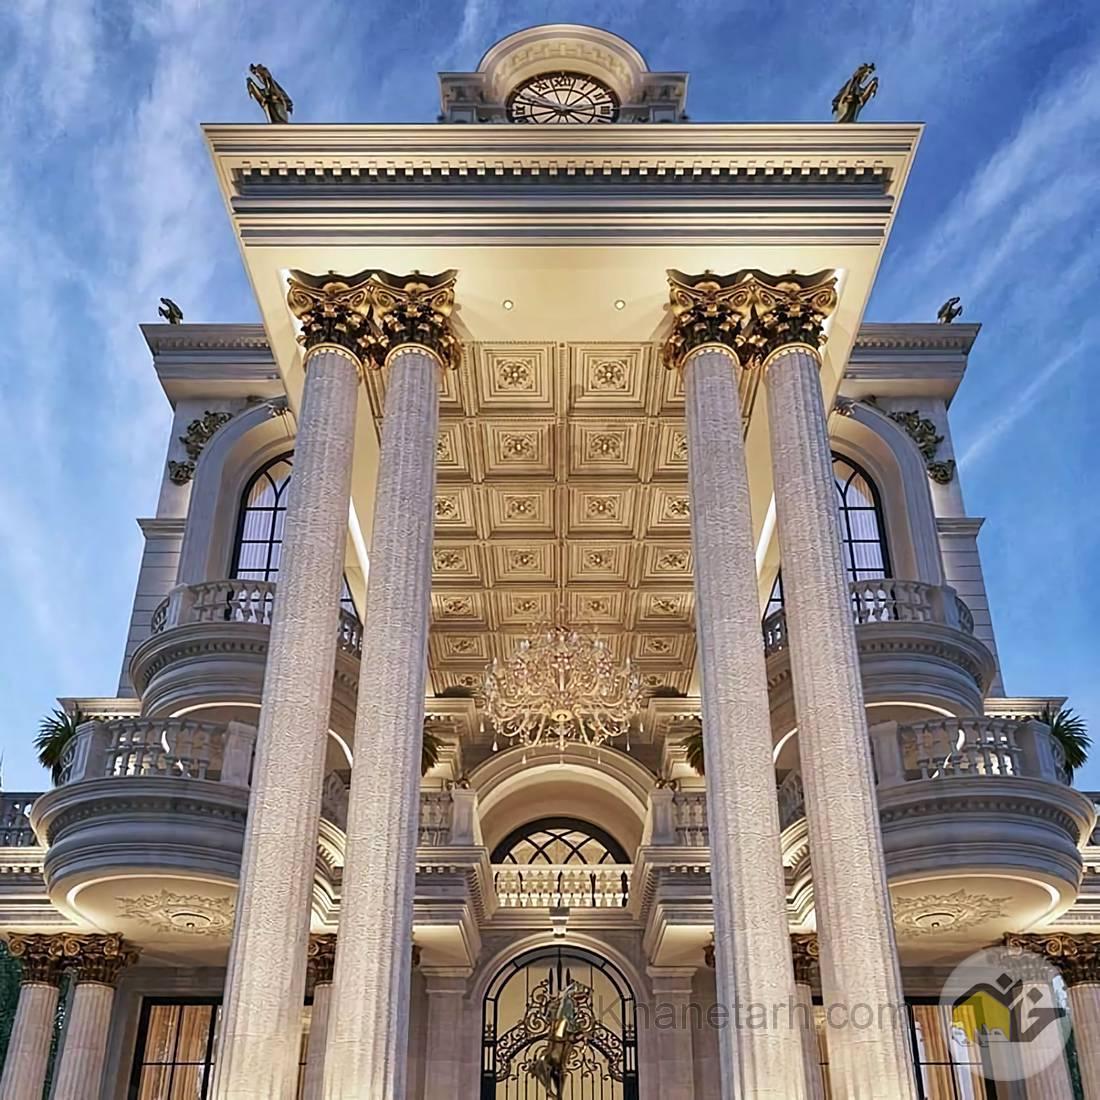 نمای ساختمان رومی